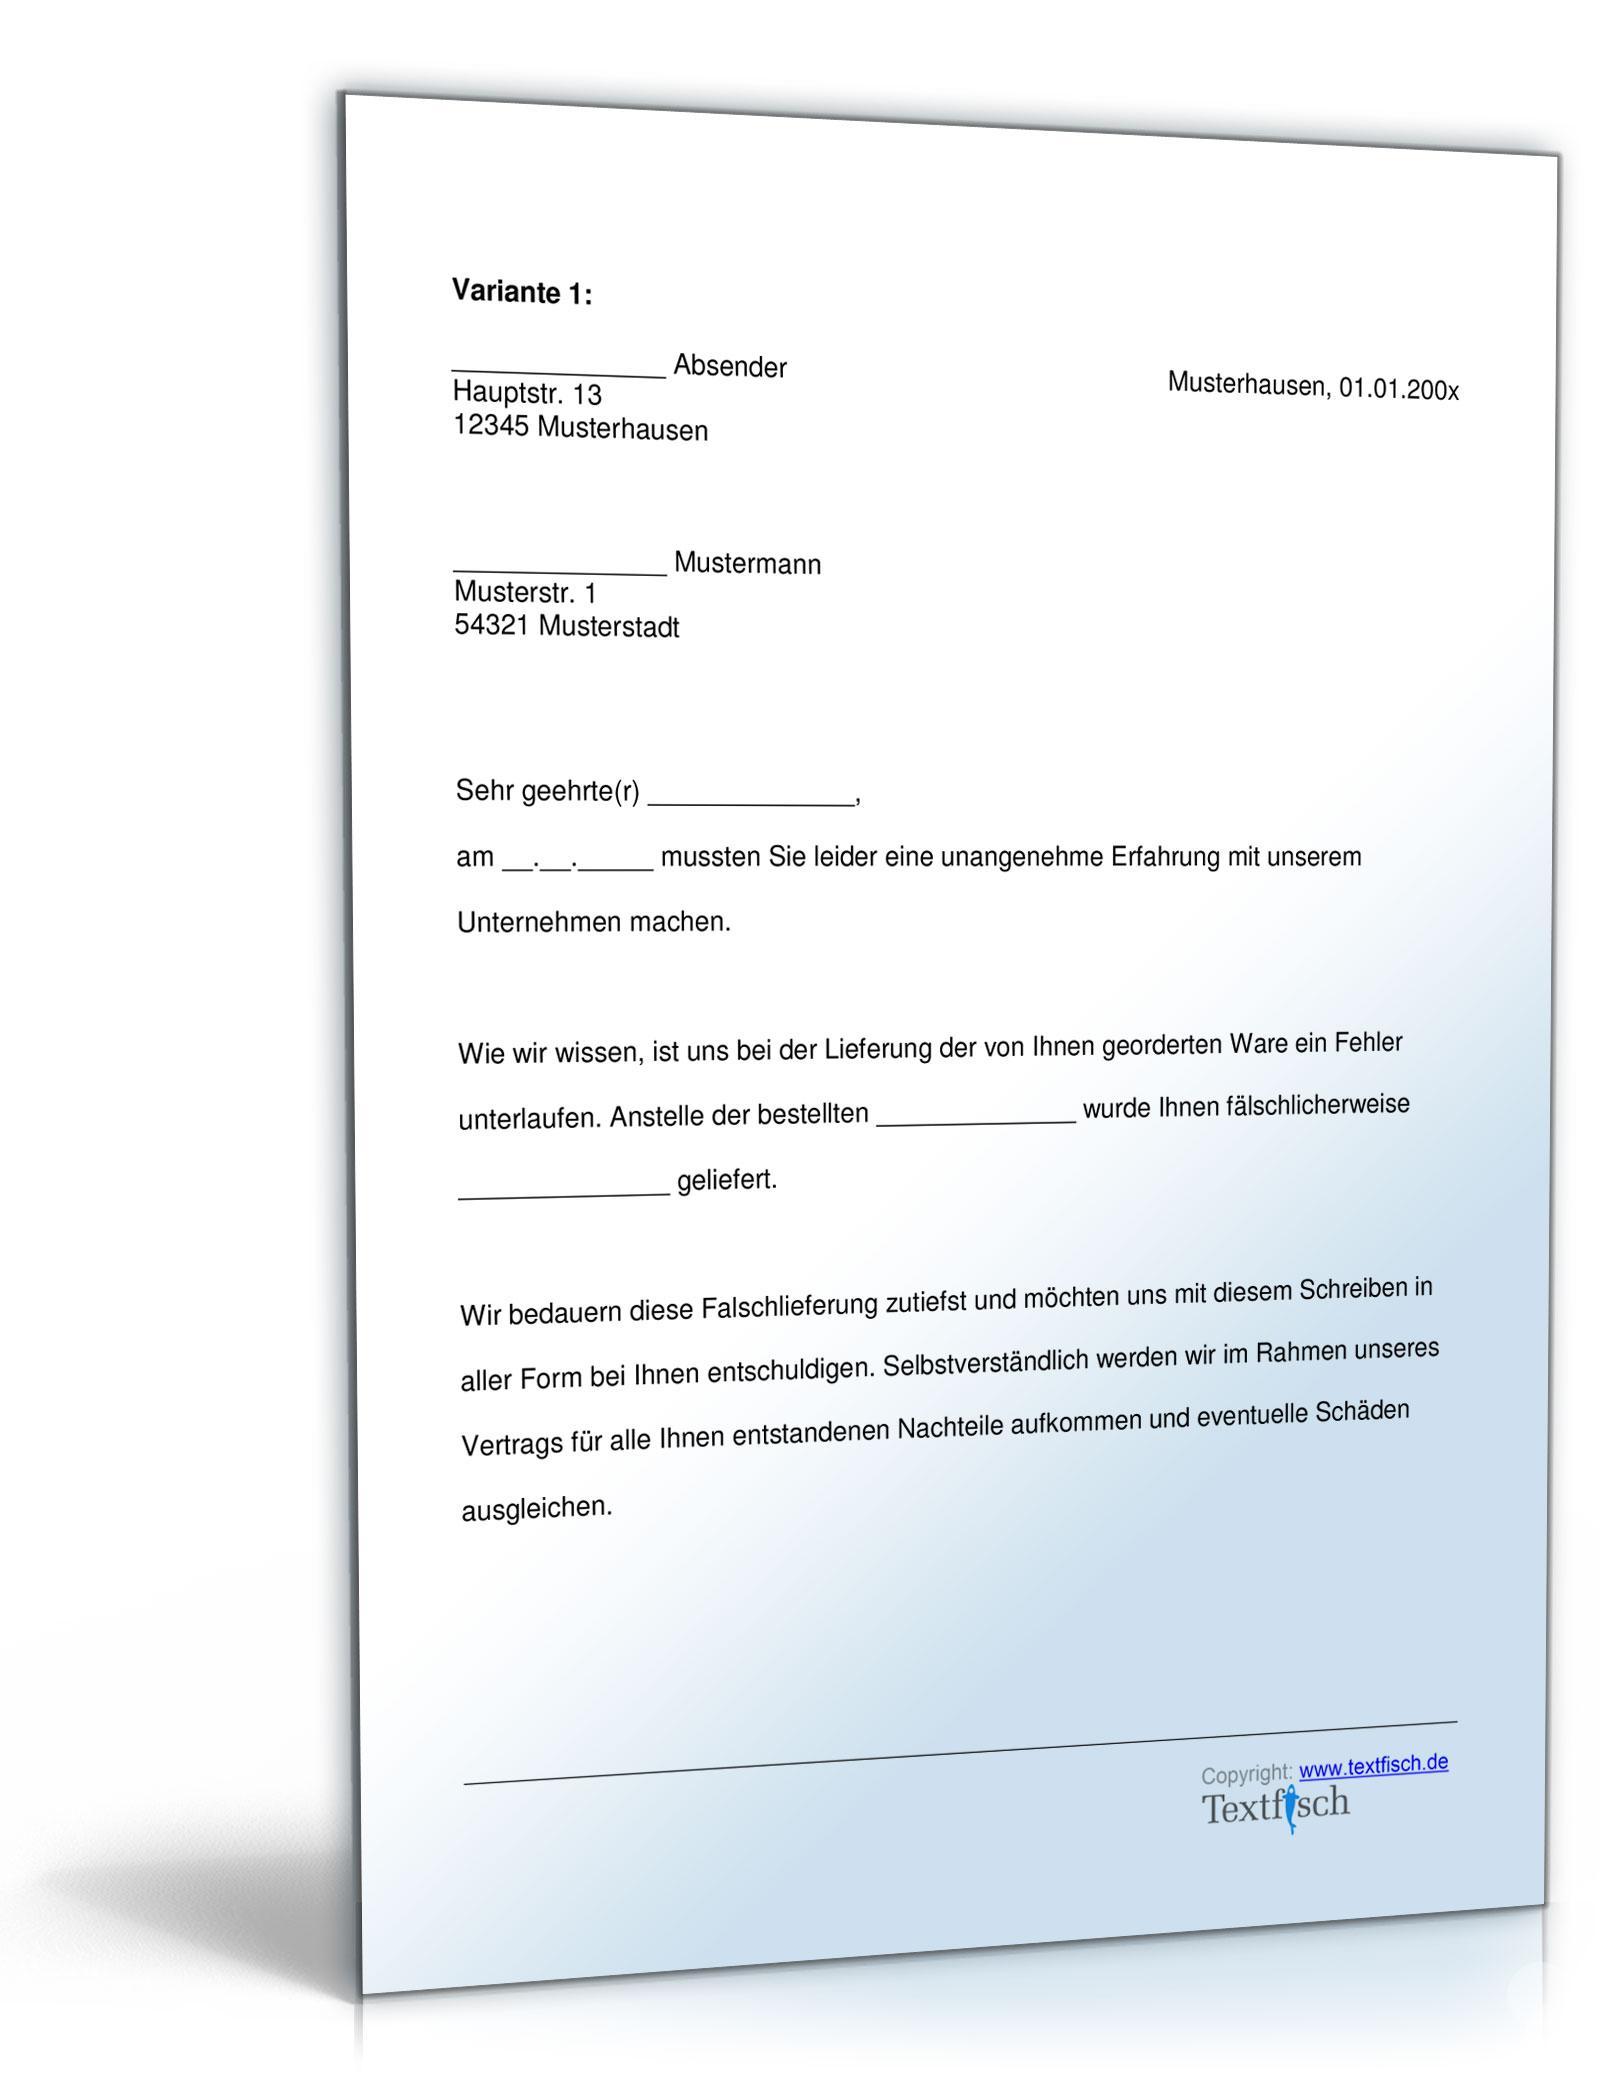 Download Archiv • Musterbriefe (Kostenlos) » Dokumente & Vorlagen